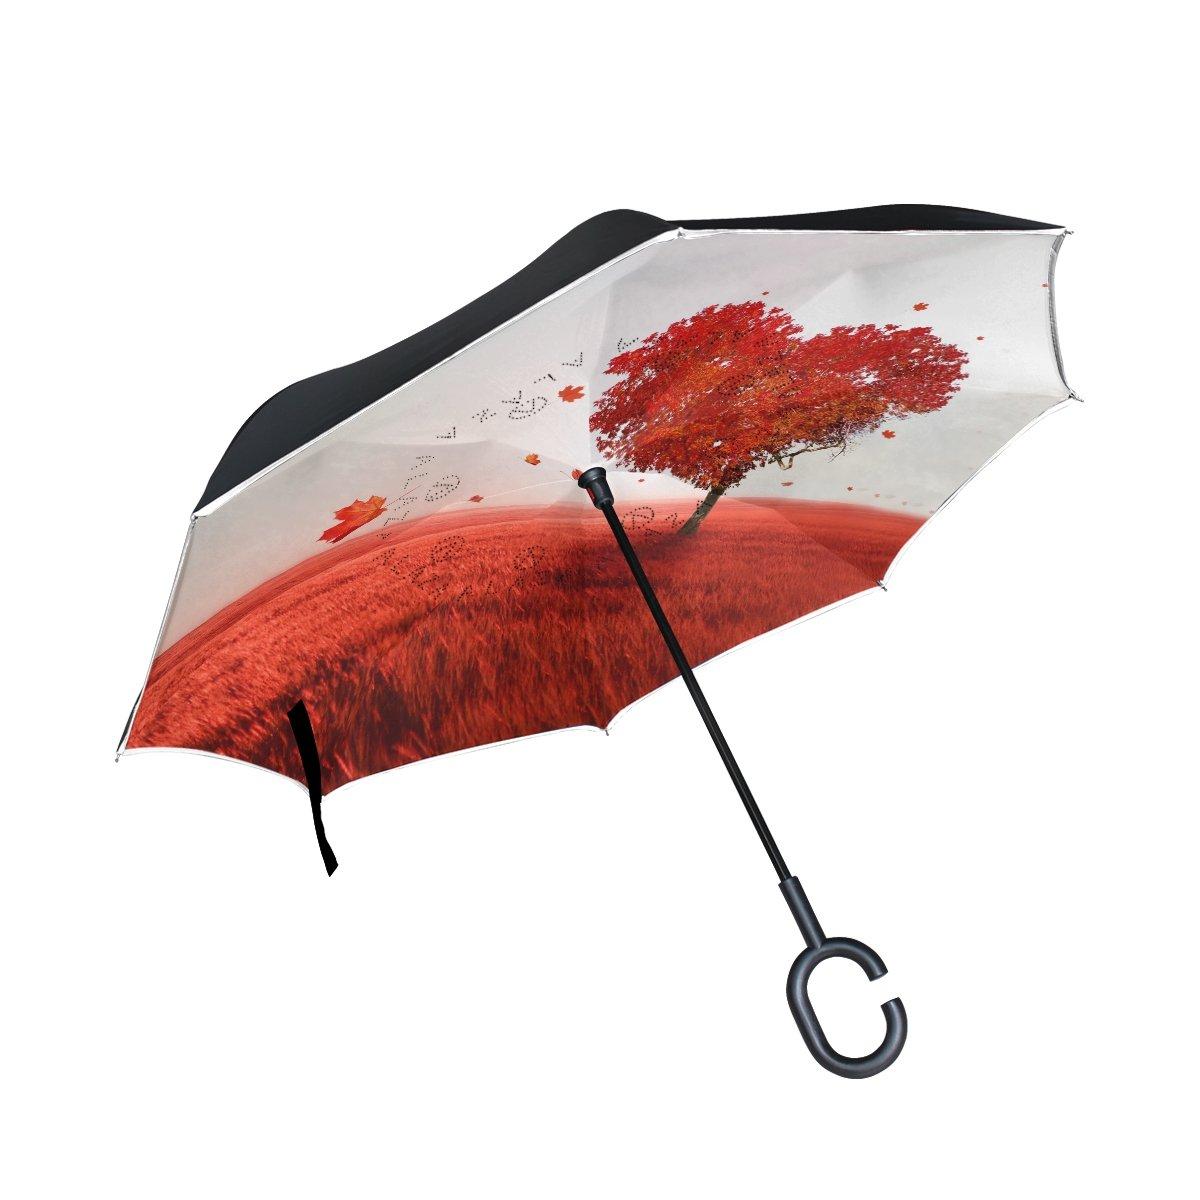 Alaza愛のツリーハートInverted傘二層防風Reverse折り畳み傘for Car with c-shapeハンドル   B076CF3Z82